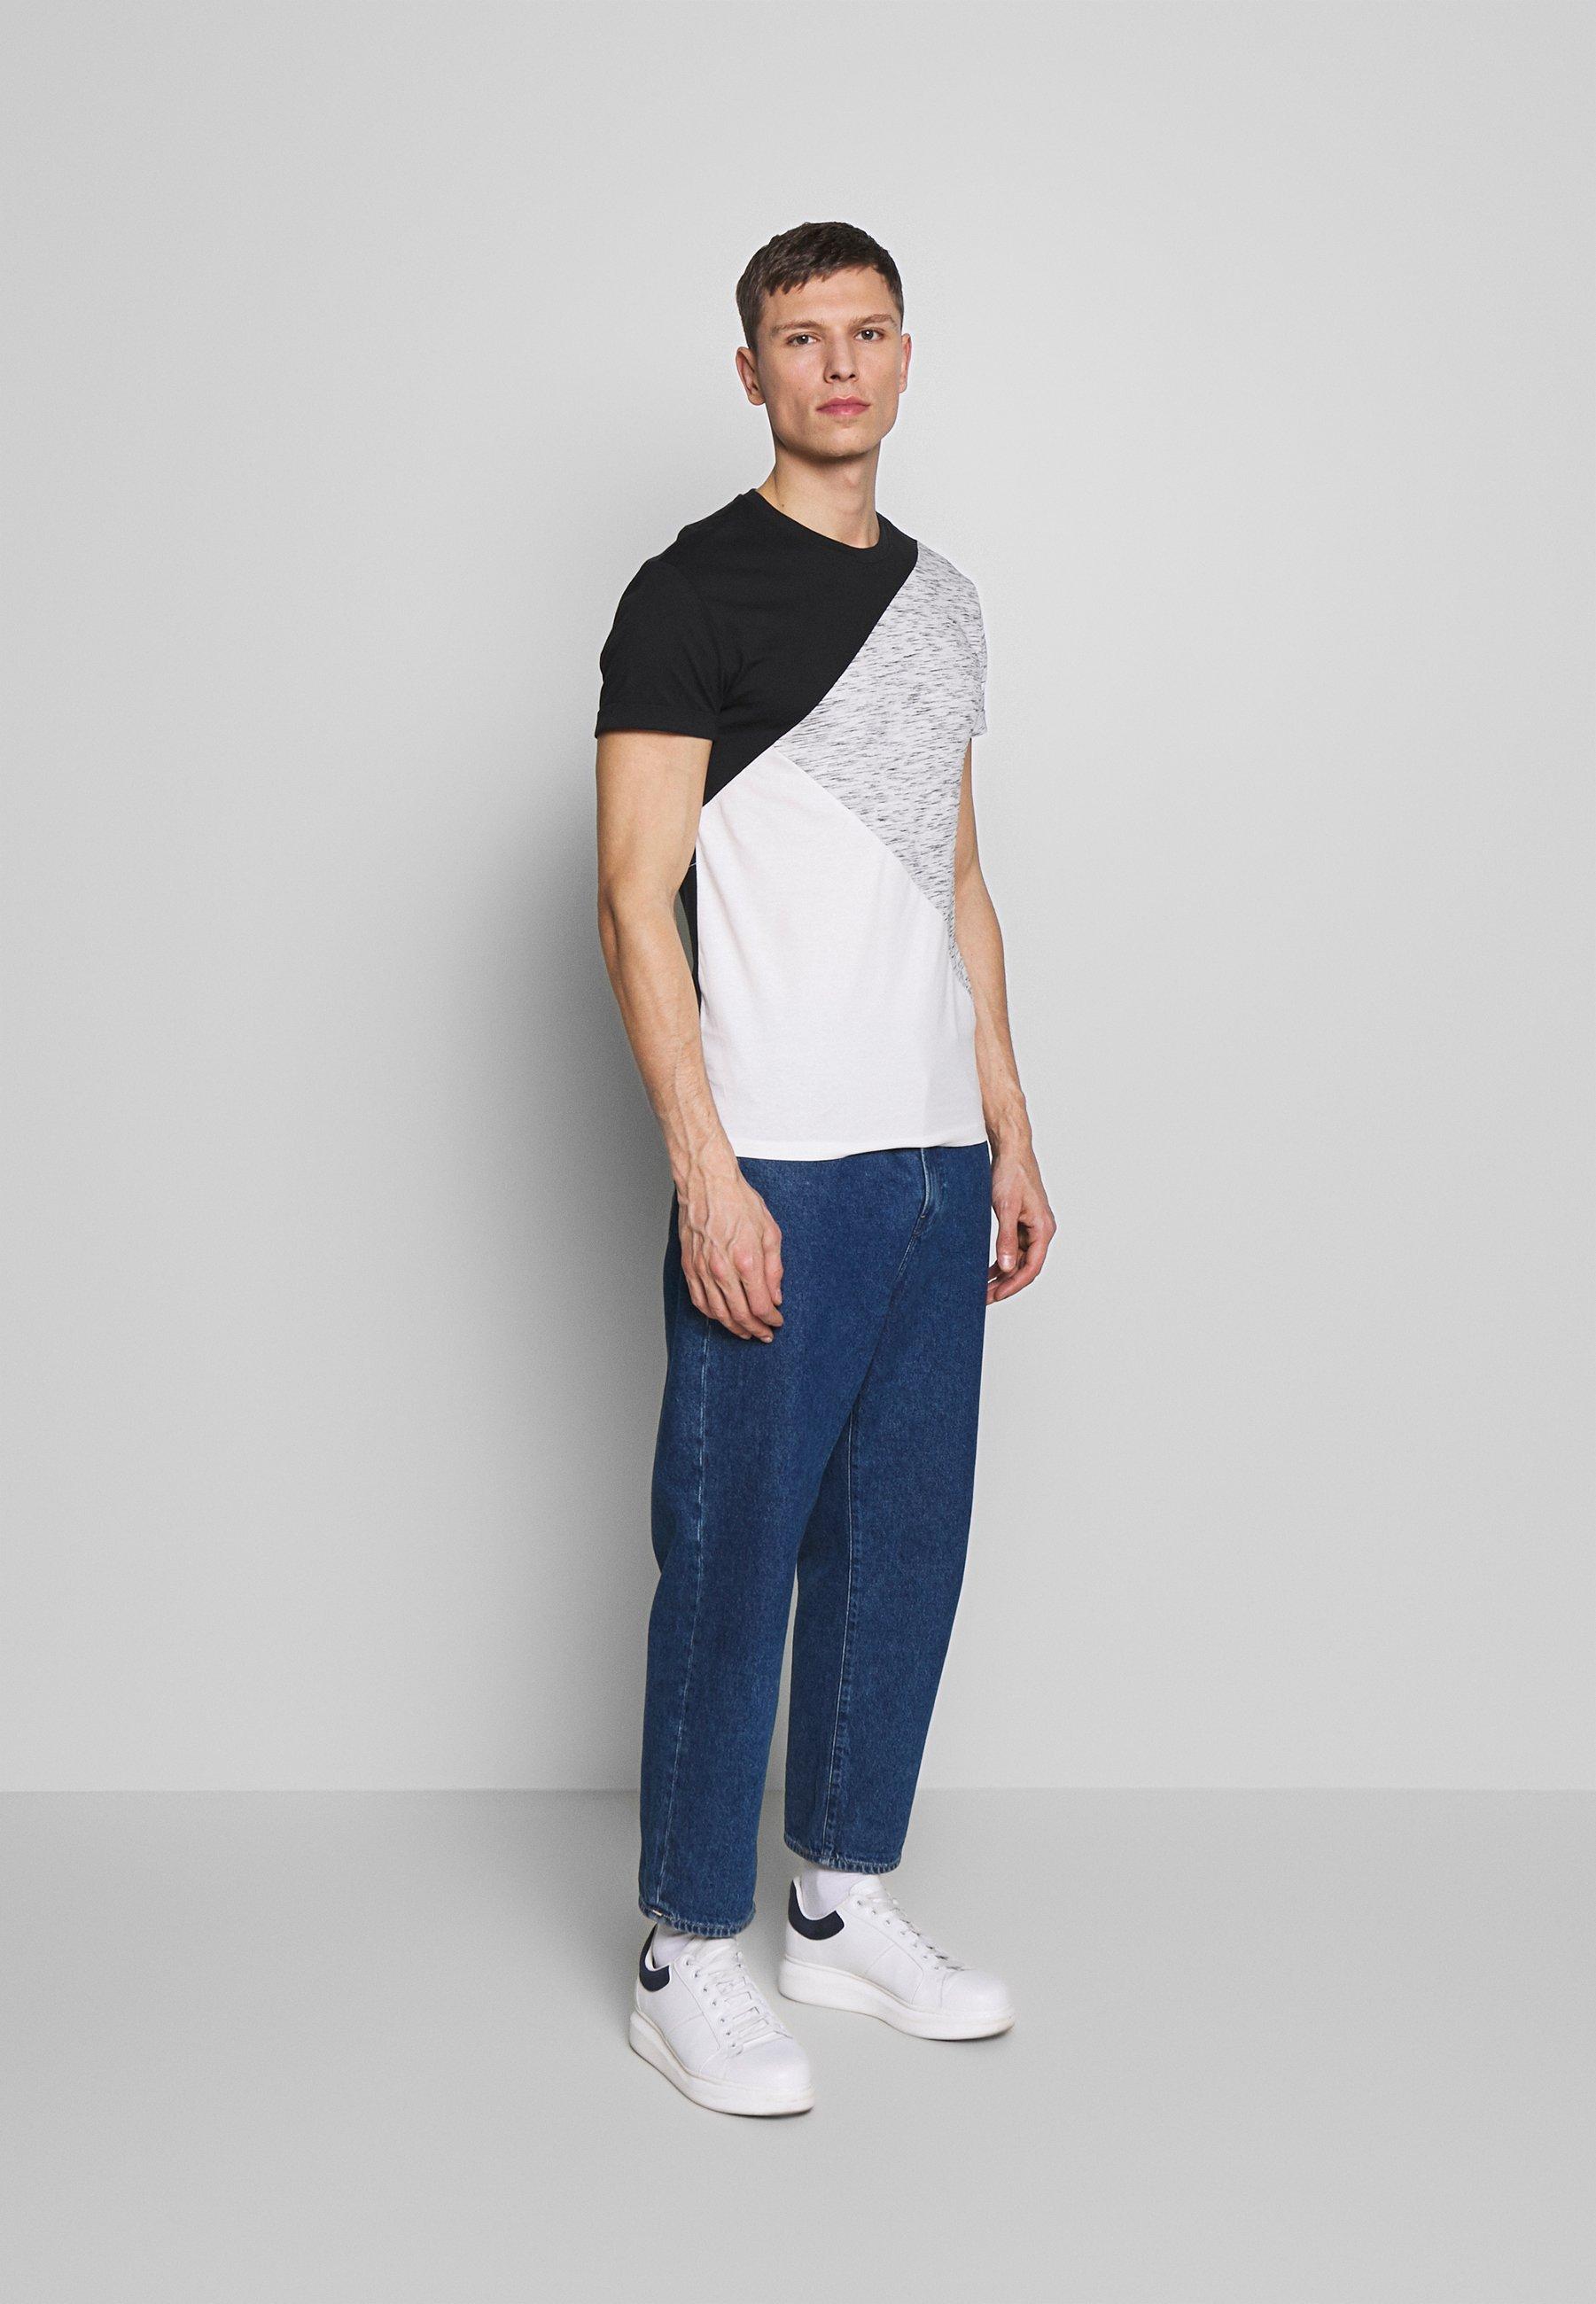 Pier One T-shirt imprimé - black / offwhite